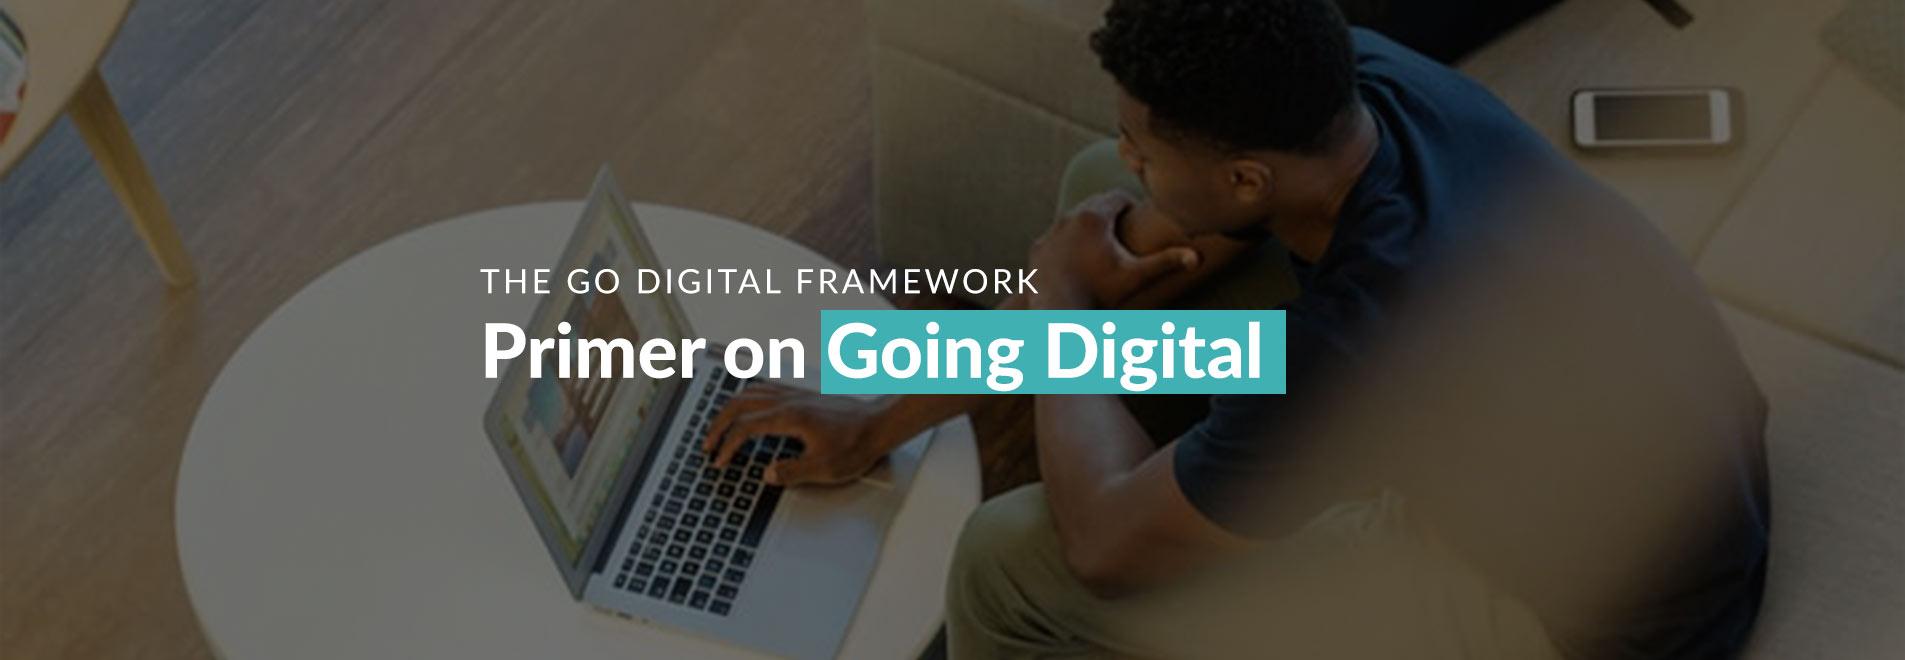 THE GO DIGITAL FRAMEWORK: Primer on Going Digital